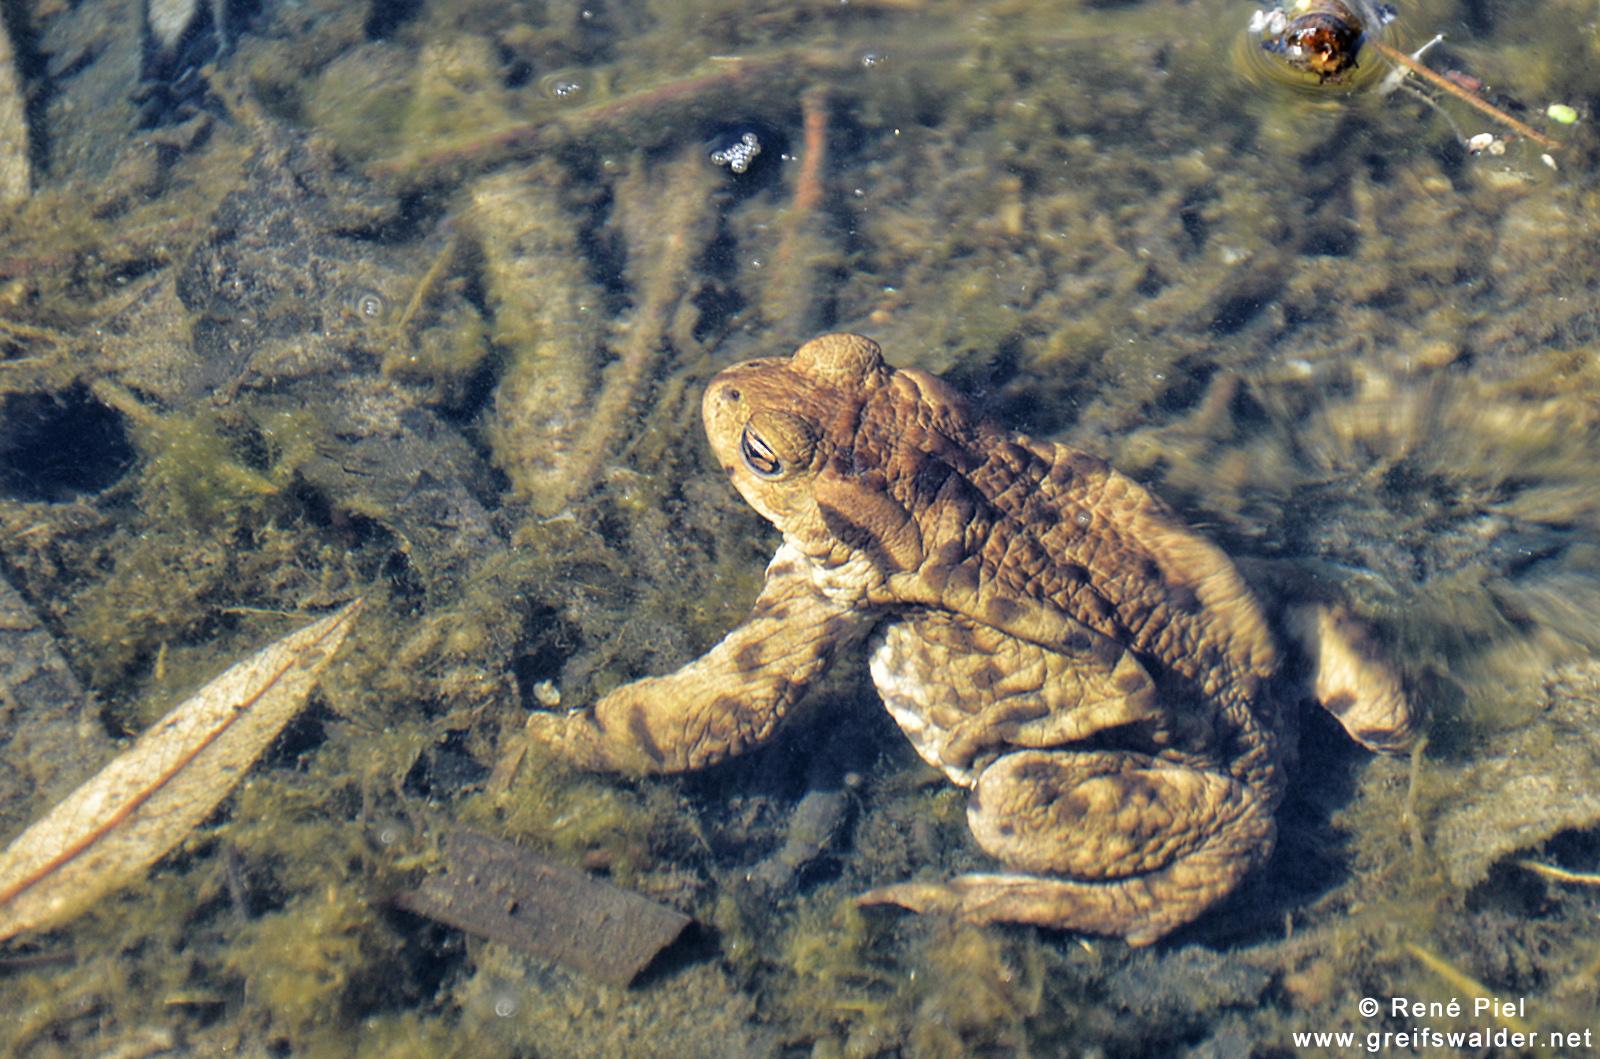 abgetaucht - Kröte unter Wasser